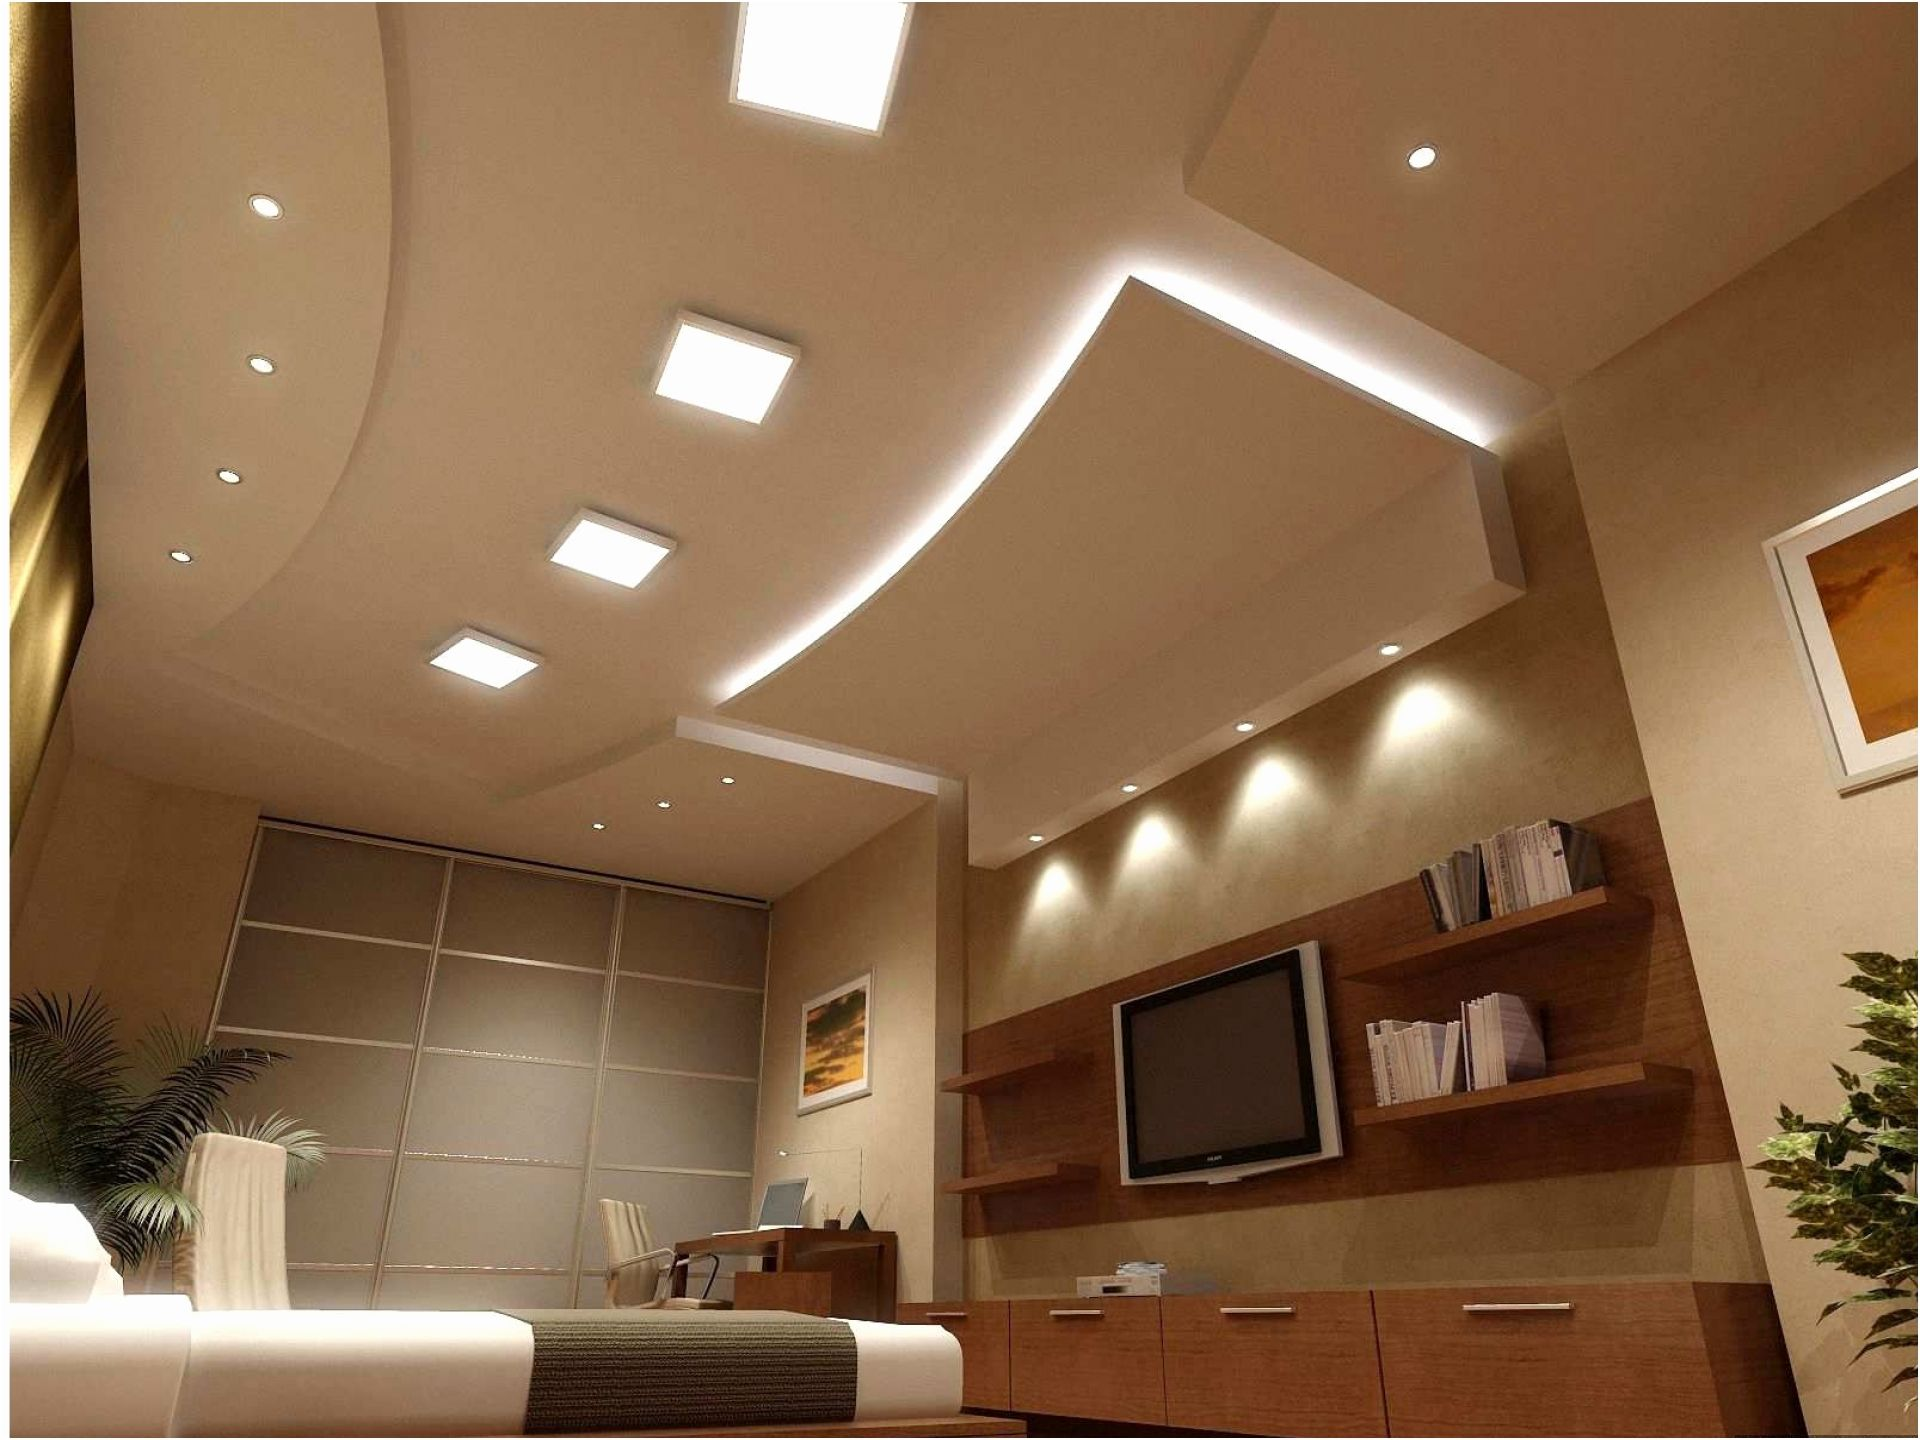 Einbauleuchten Ideen Led Pot Leuchten Einbauleuchten Led Flush Mount Beleuchtung Keller Leuchten S Abgehangte Decke Design Deckenarchitektur Beleuchtung Decke